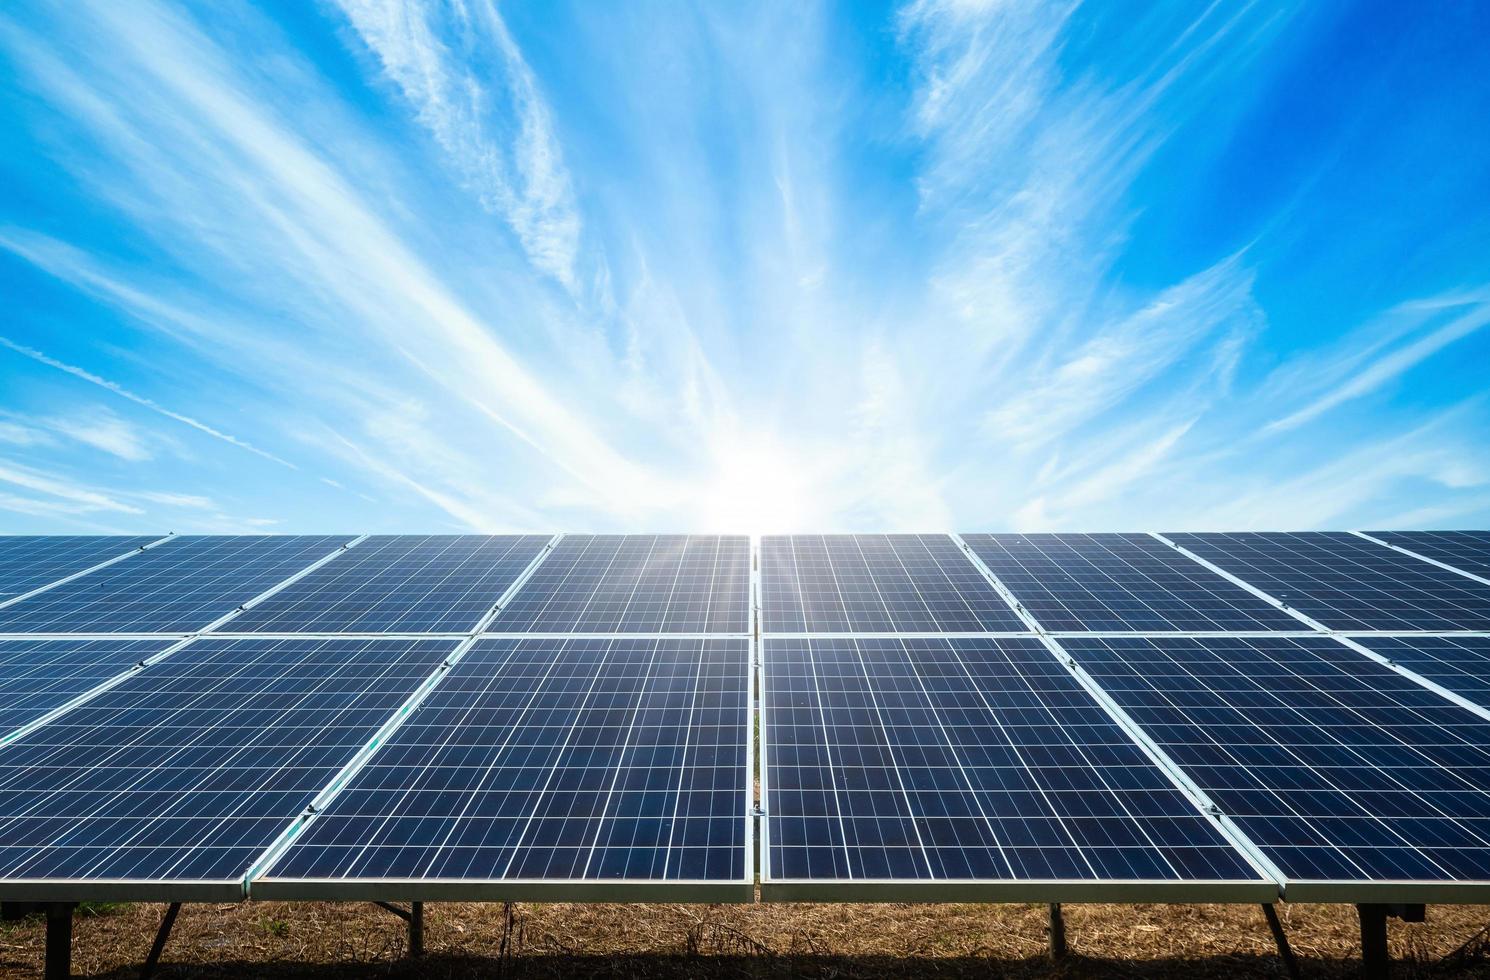 Solarpanel auf blauem Himmel Hintergrund foto